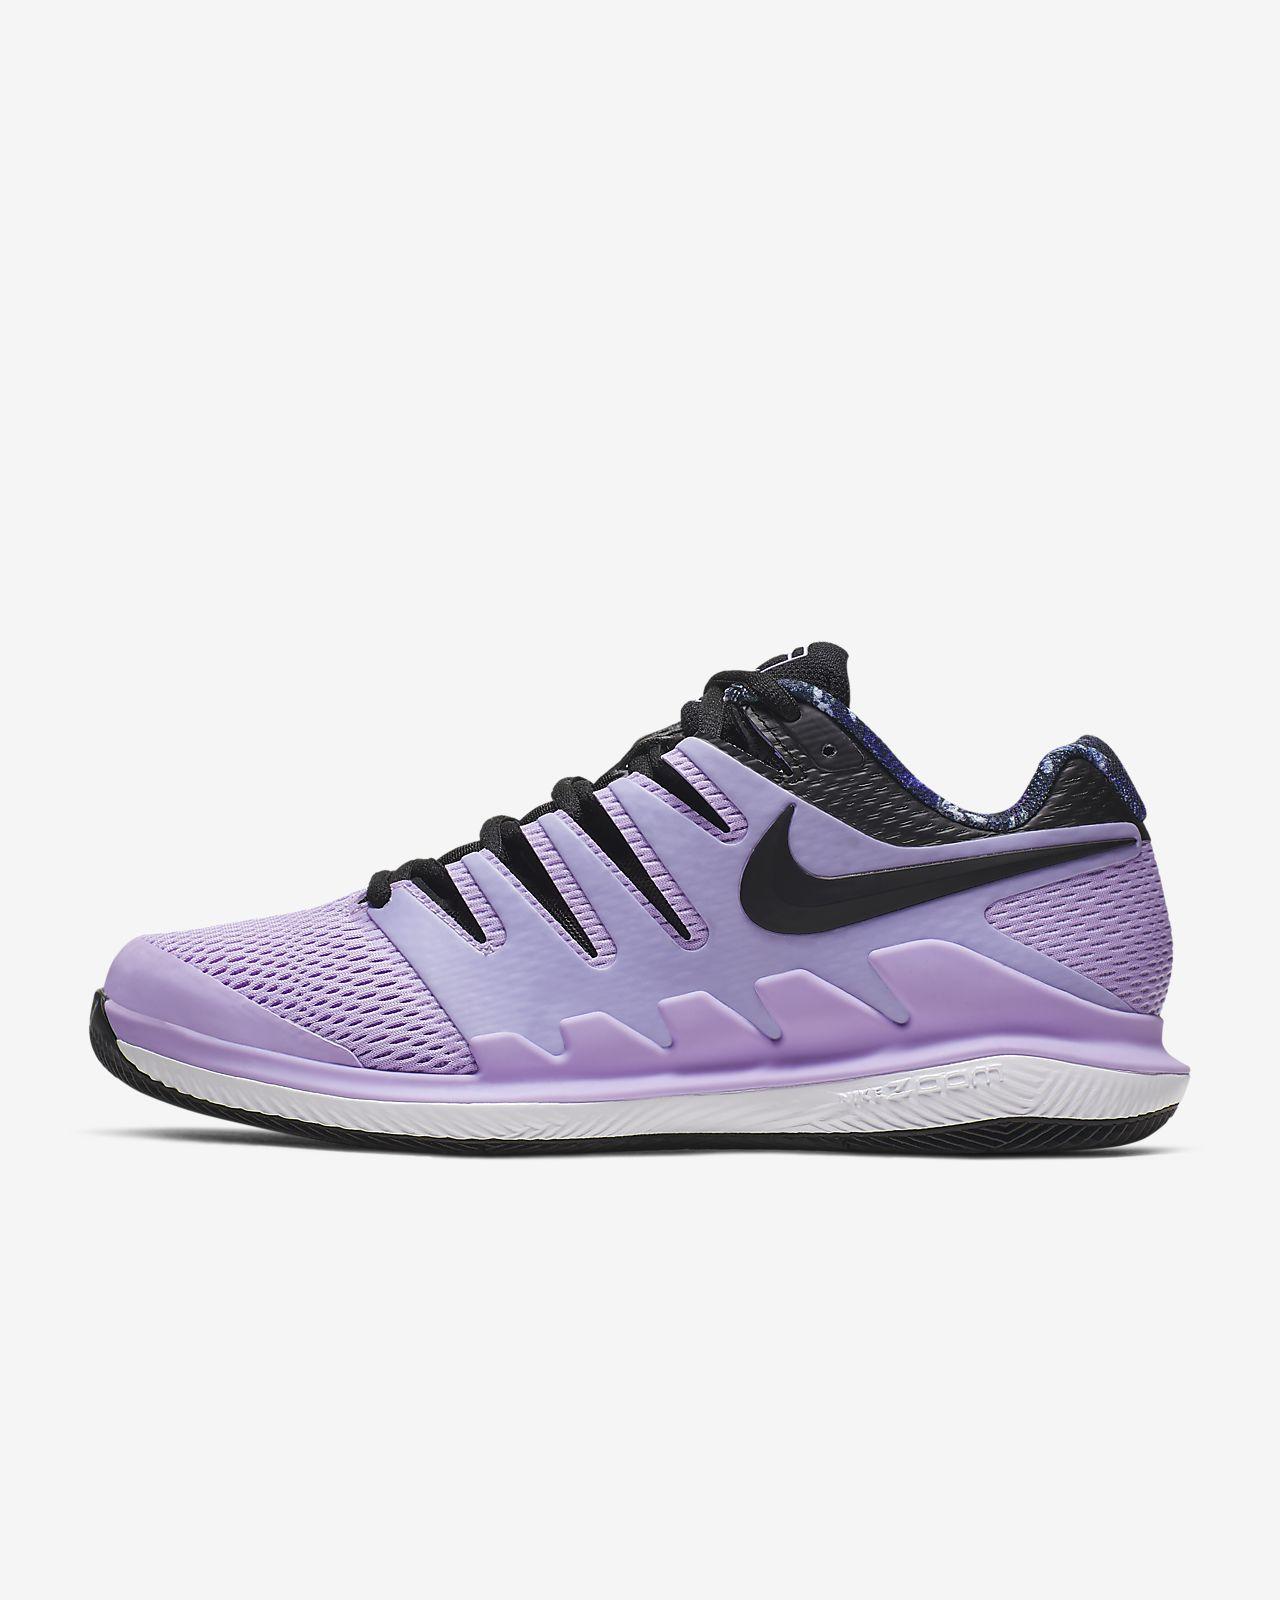 Surface Dure Femme Vapor X Tennis Air Nikecourt Pour De Zoom Chaussure yOPmn8wvN0